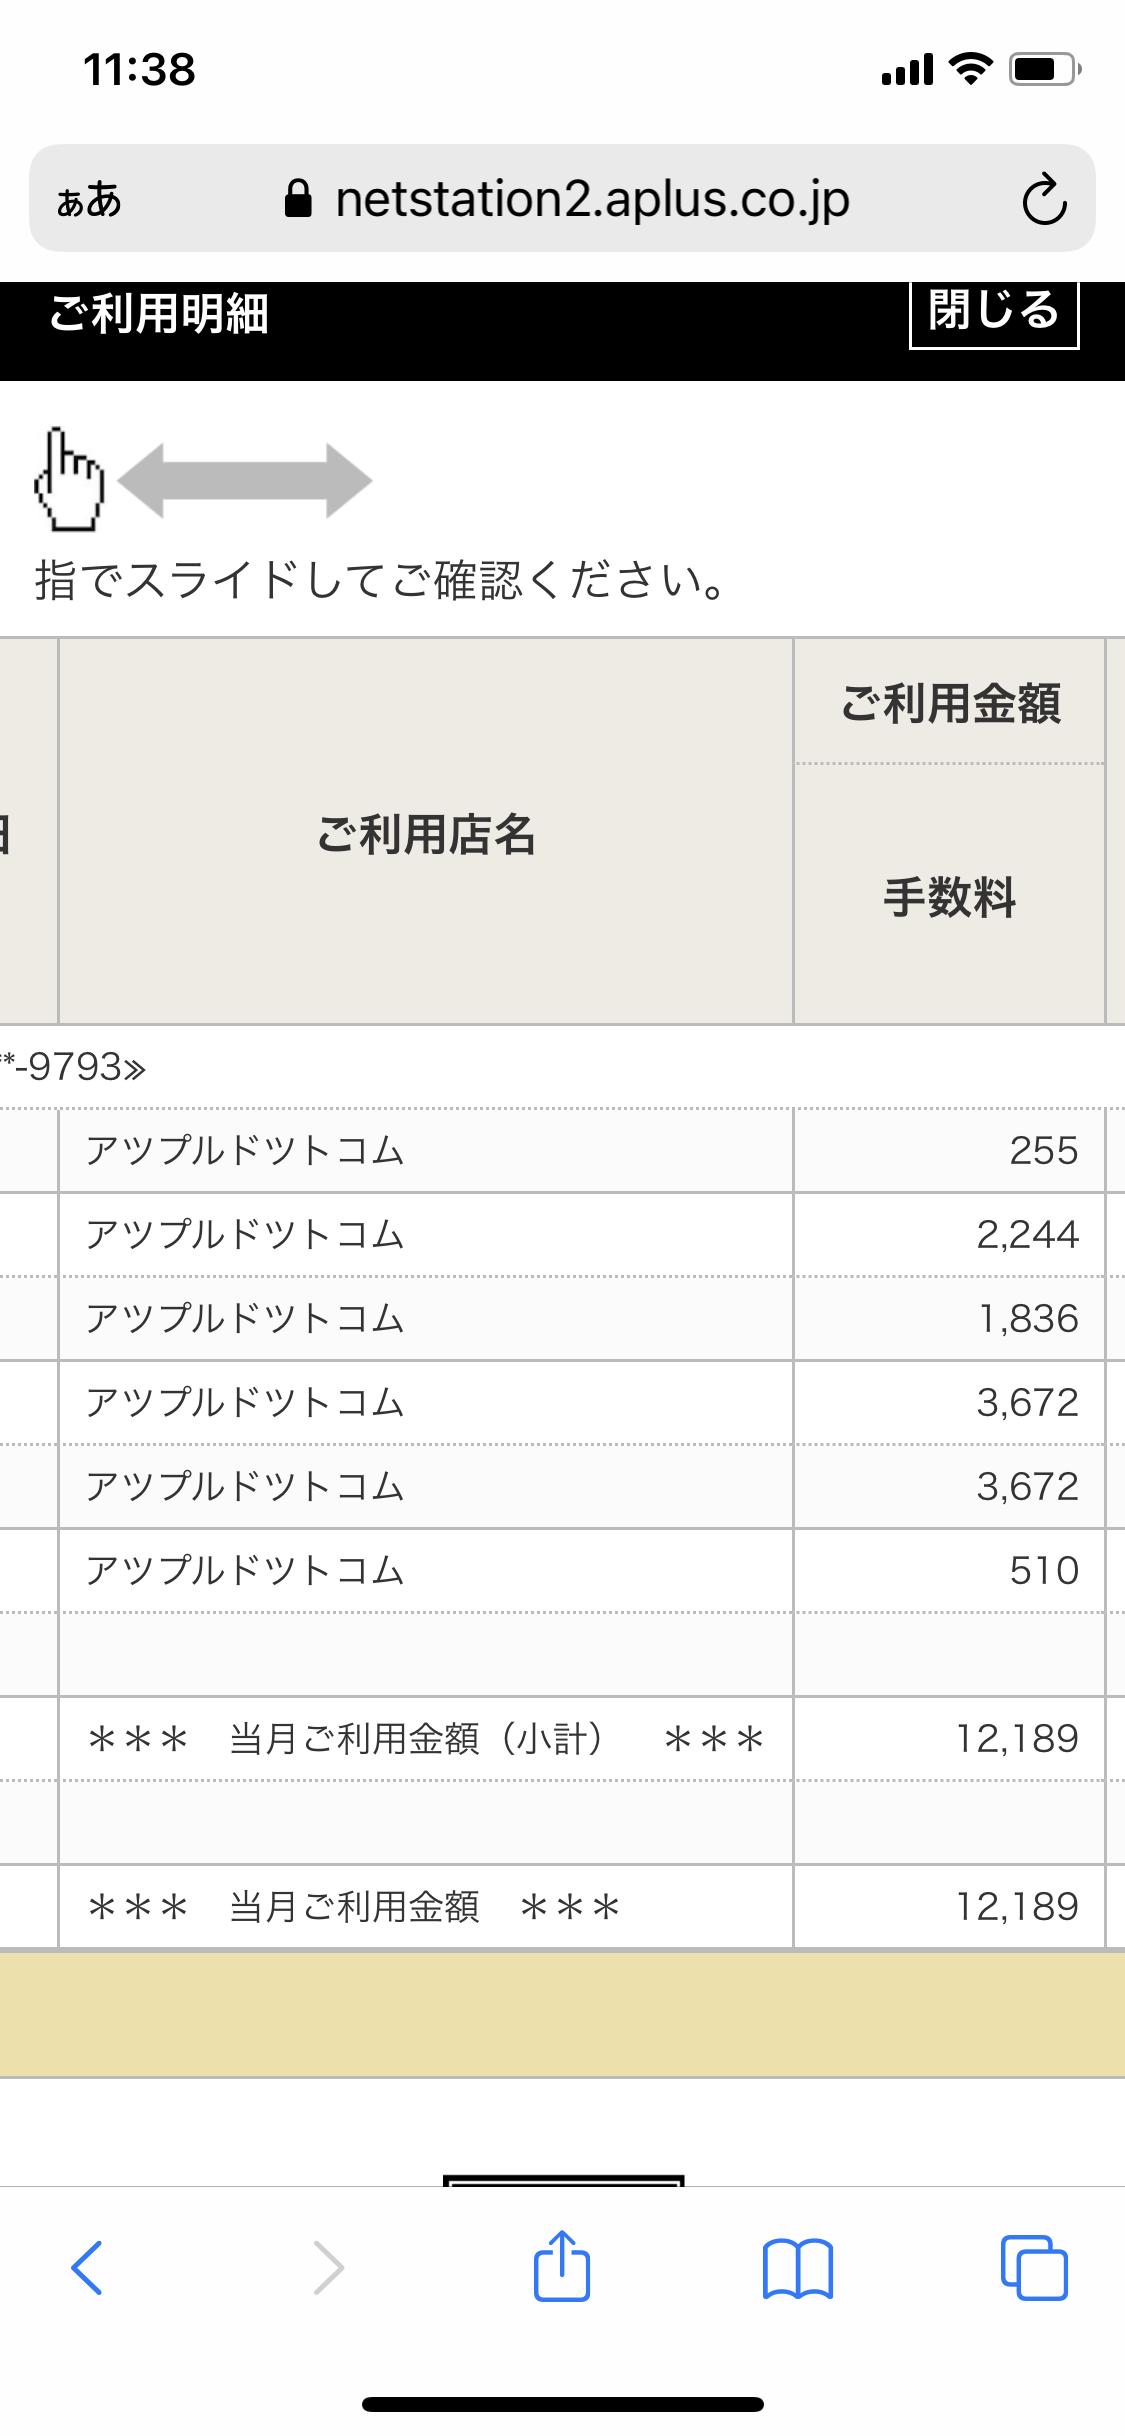 コム アップル ドット アマゾンとアップル「巣ごもり」に的中 底堅く増収減益:朝日新聞デジタル